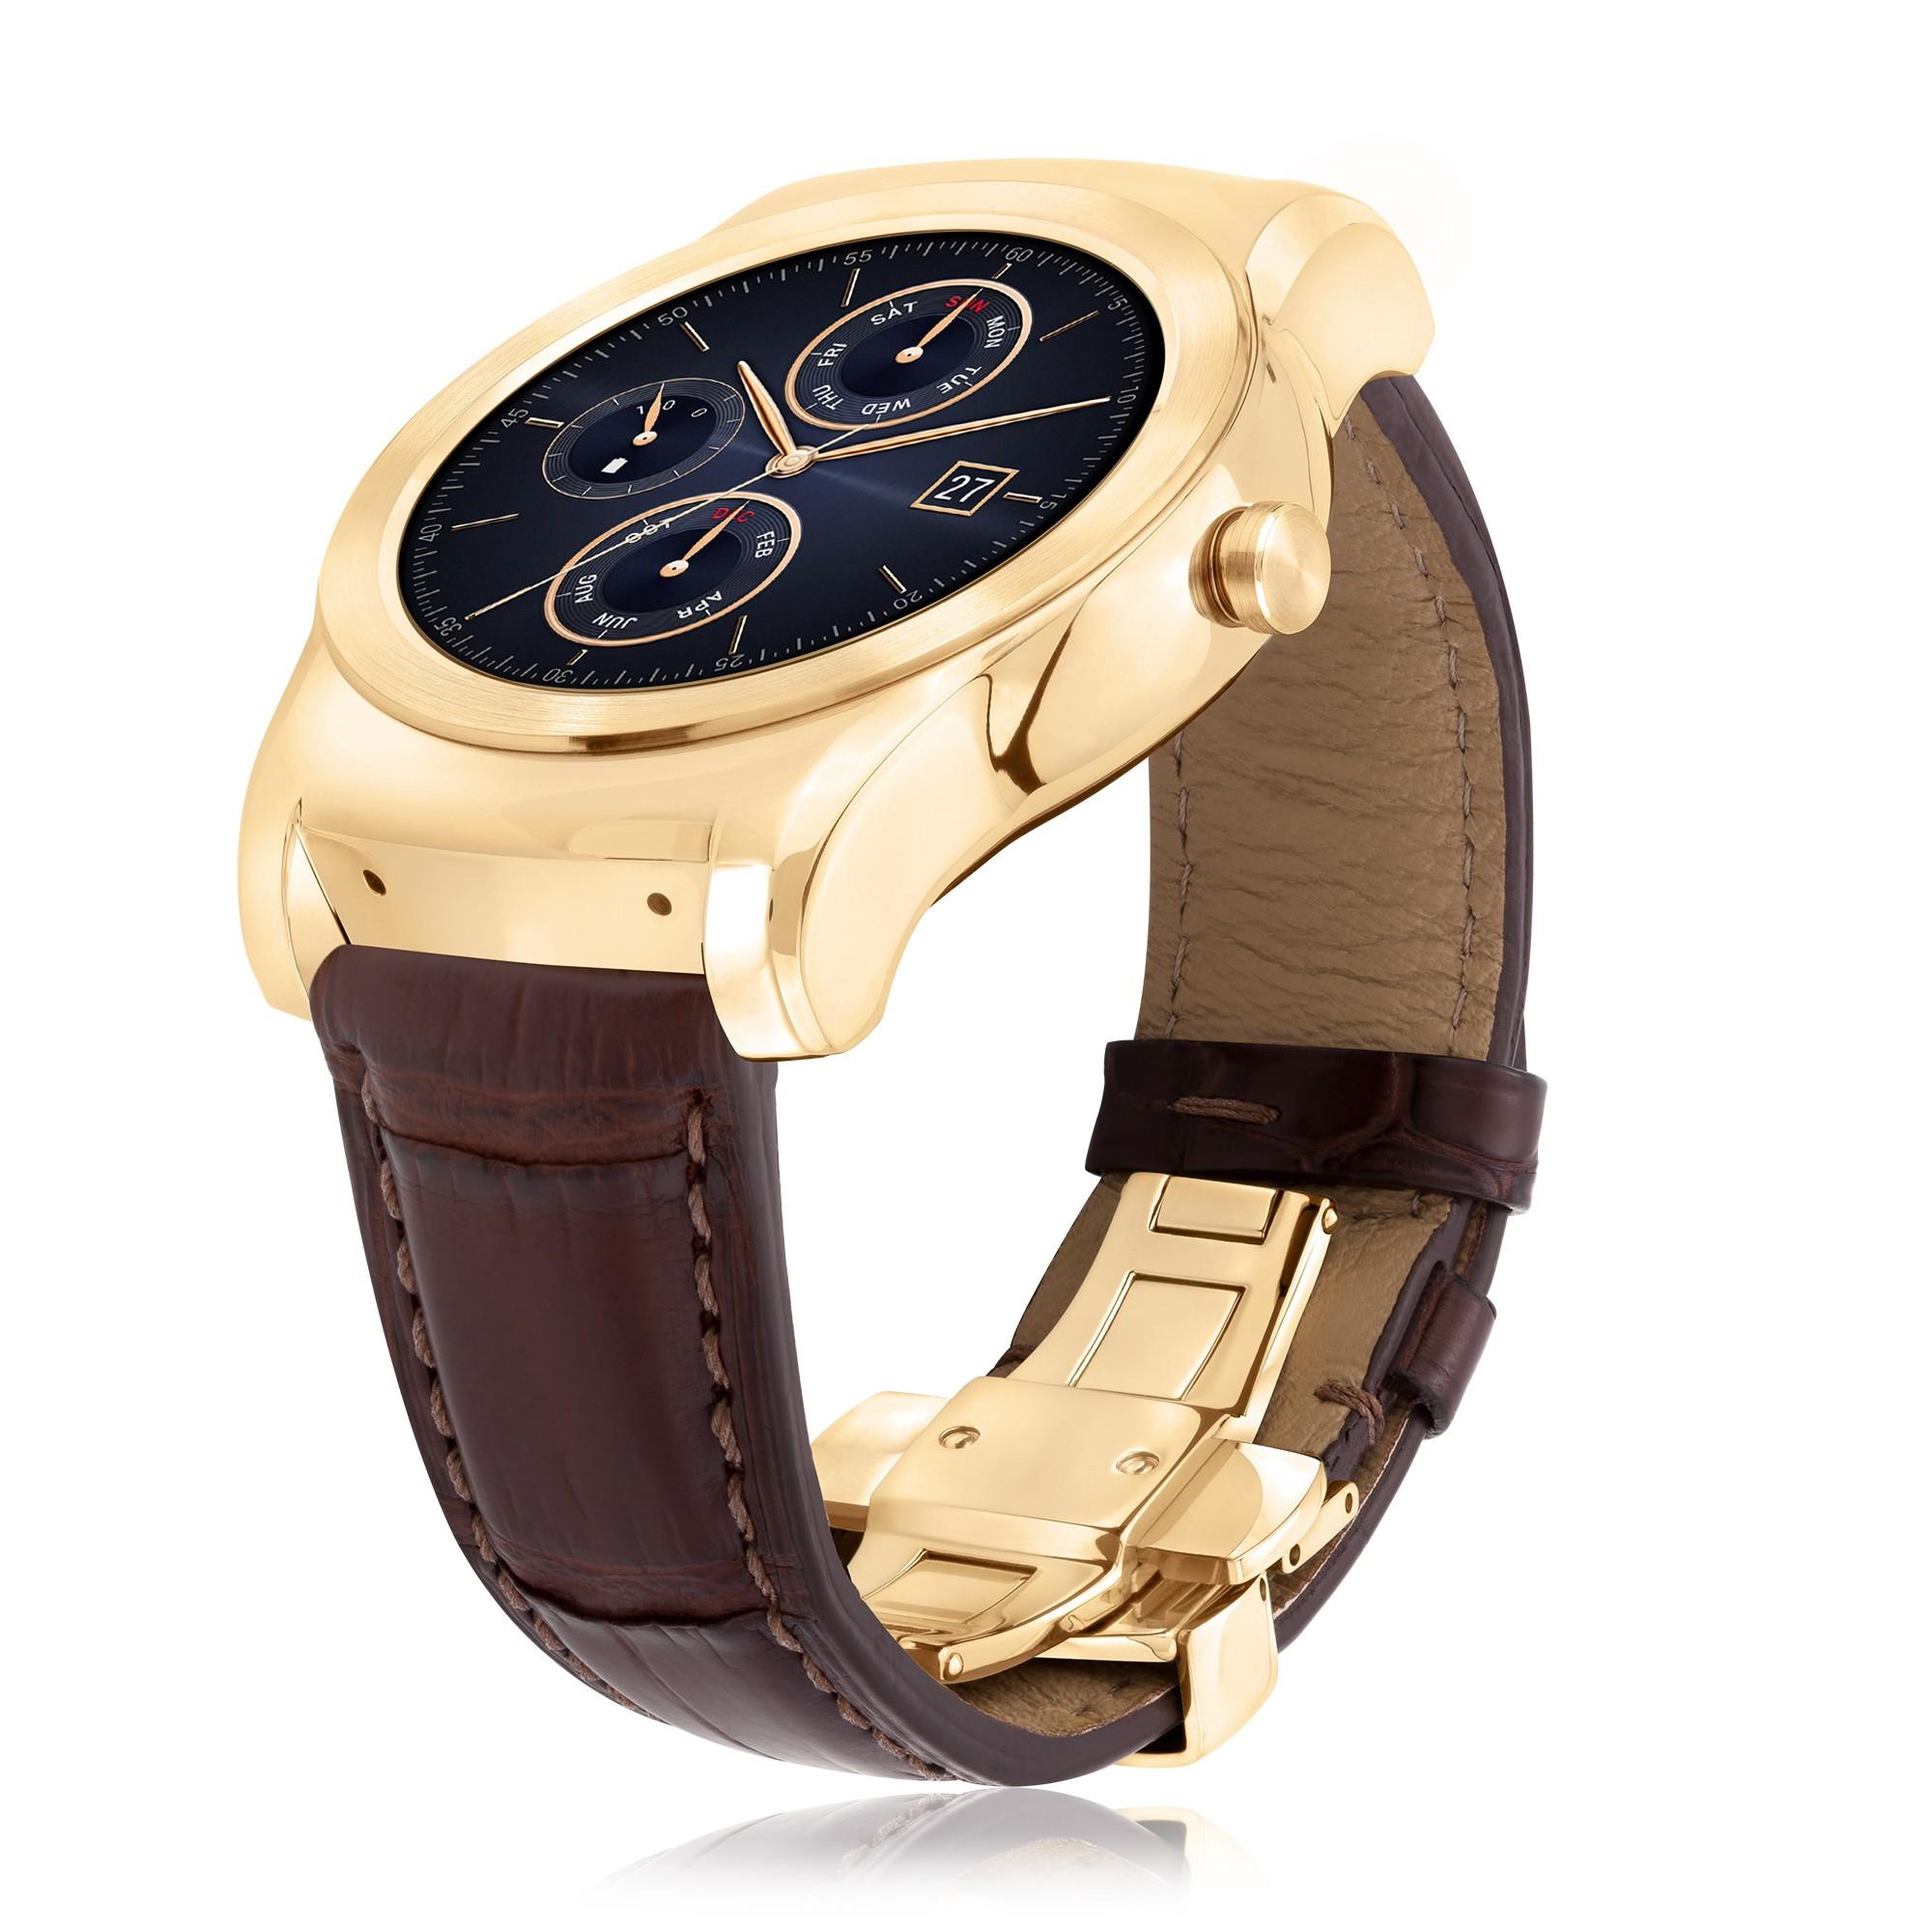 LG-Watch-Urbane-Luxe-Side.jpg